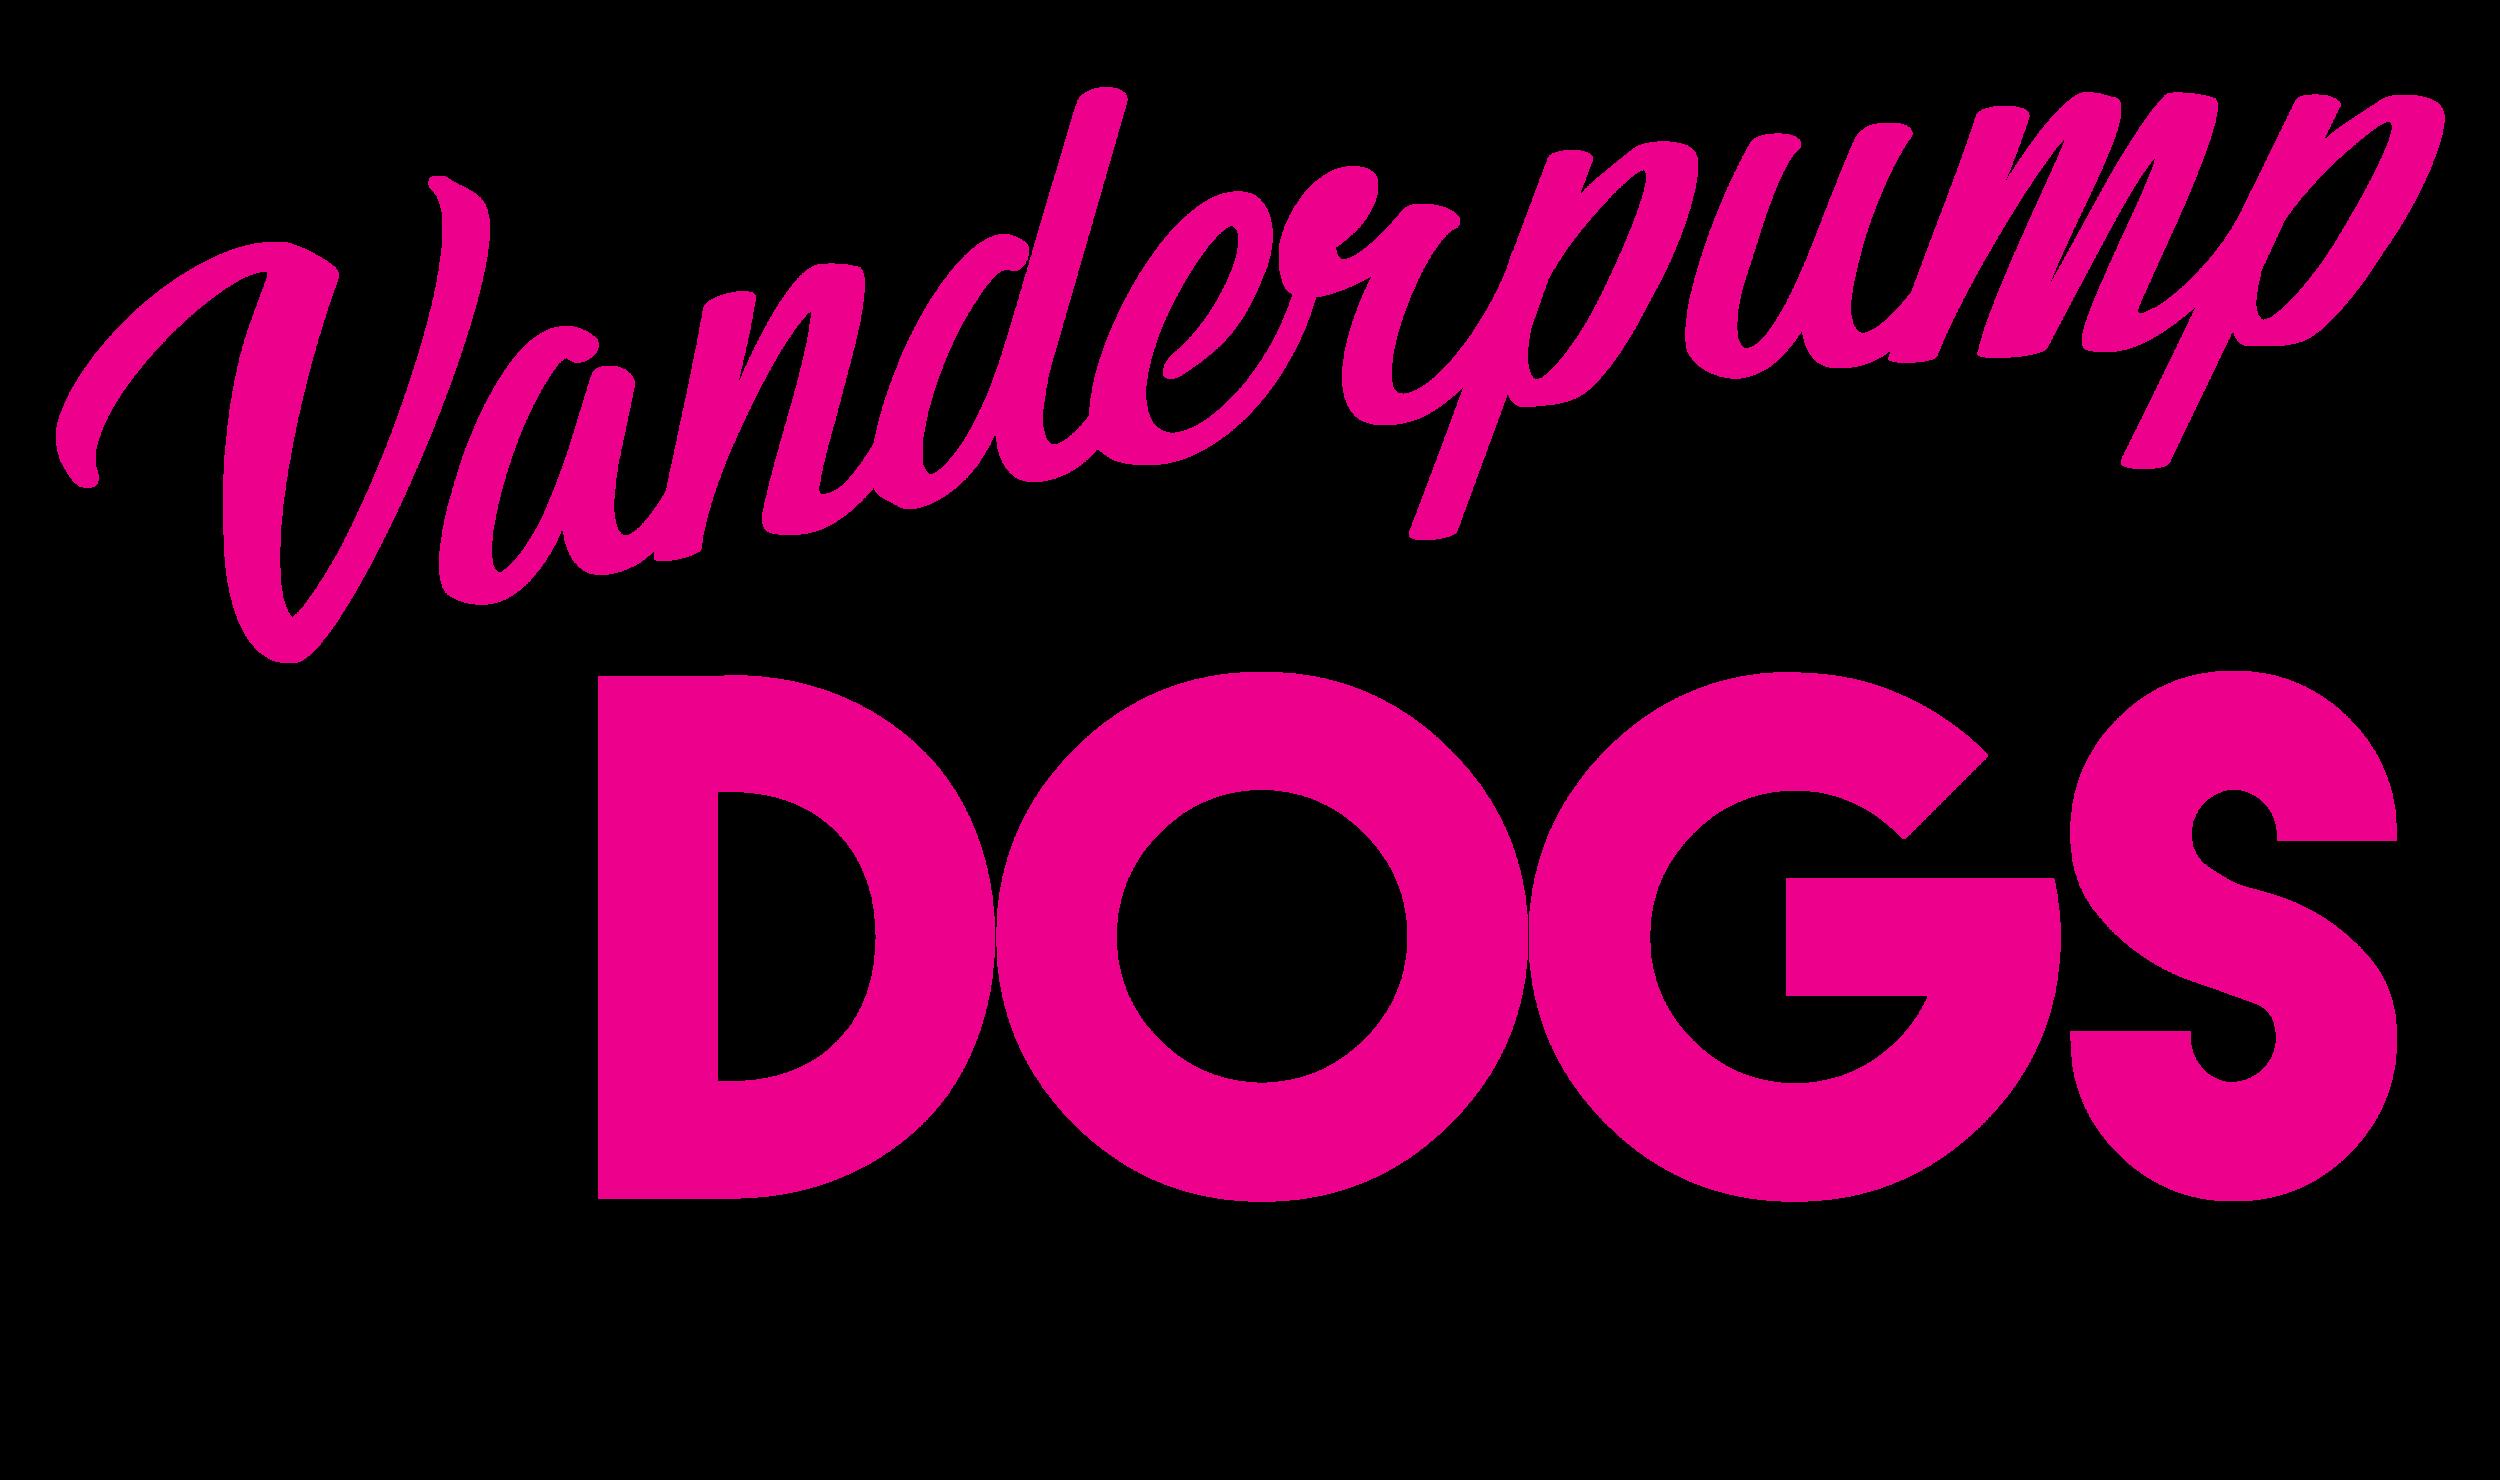 Vanderpump Dogs.png